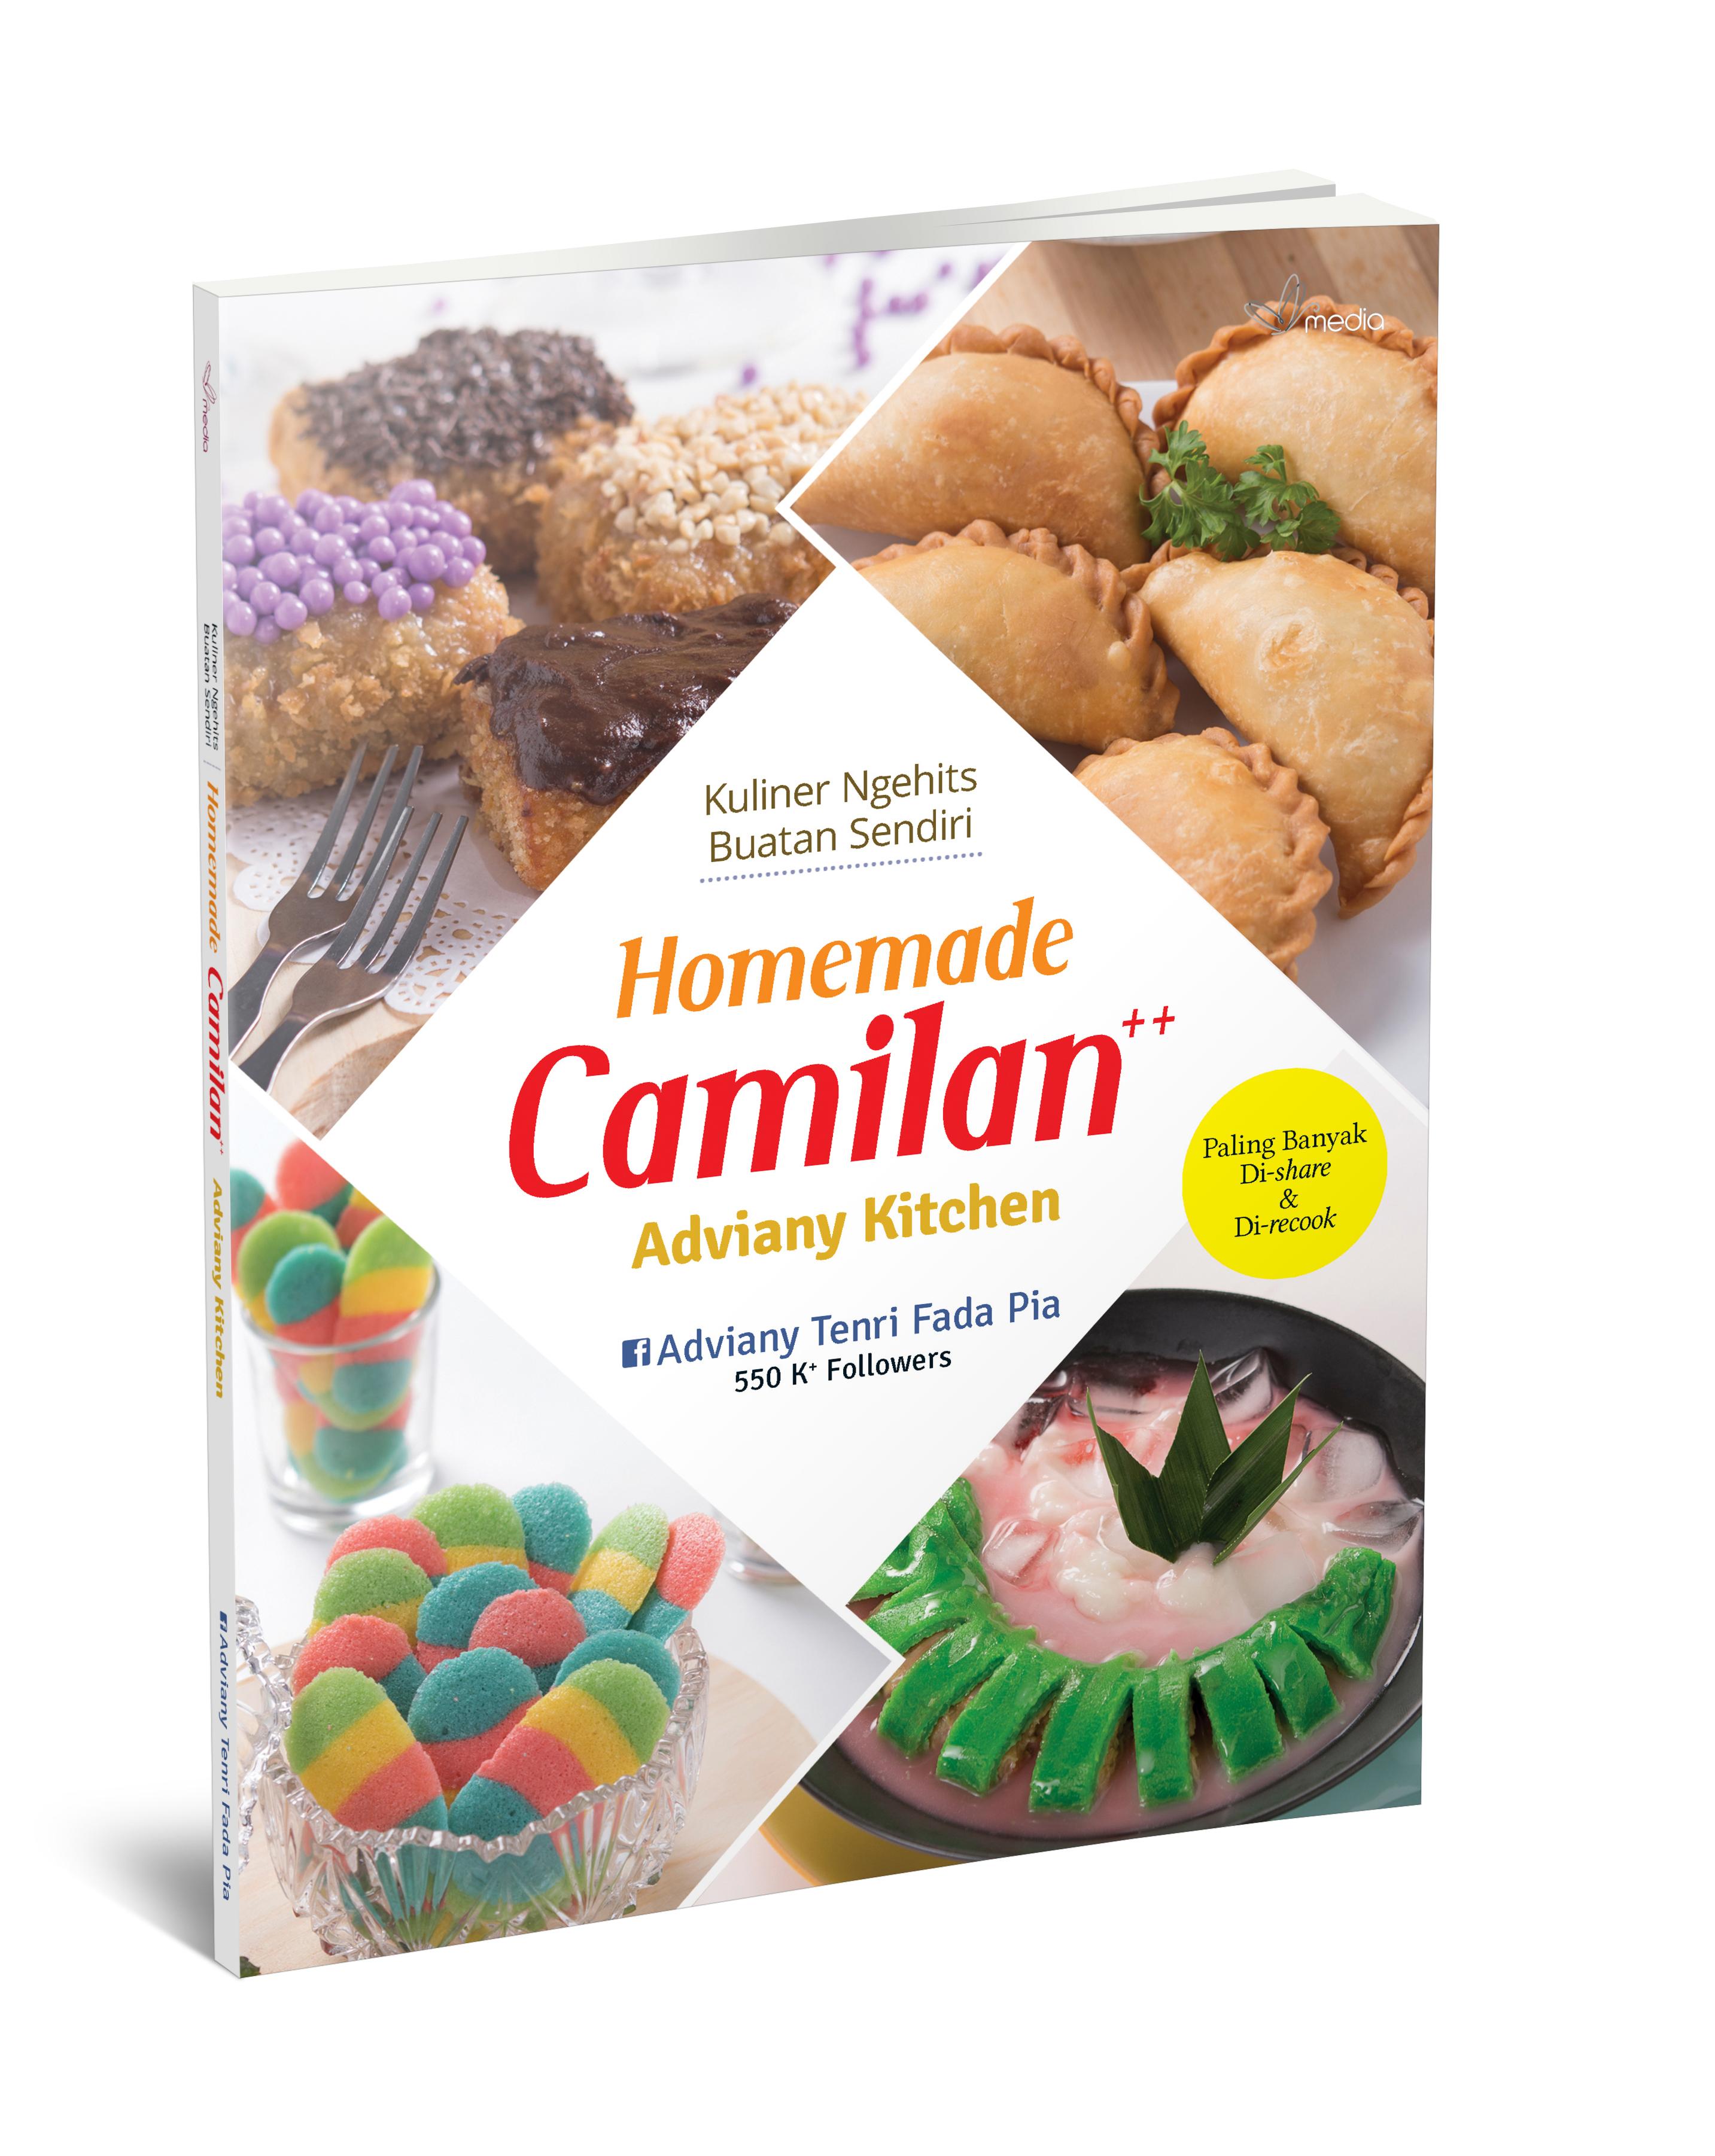 Homemade Camilan  ++ Adviany Kitchen